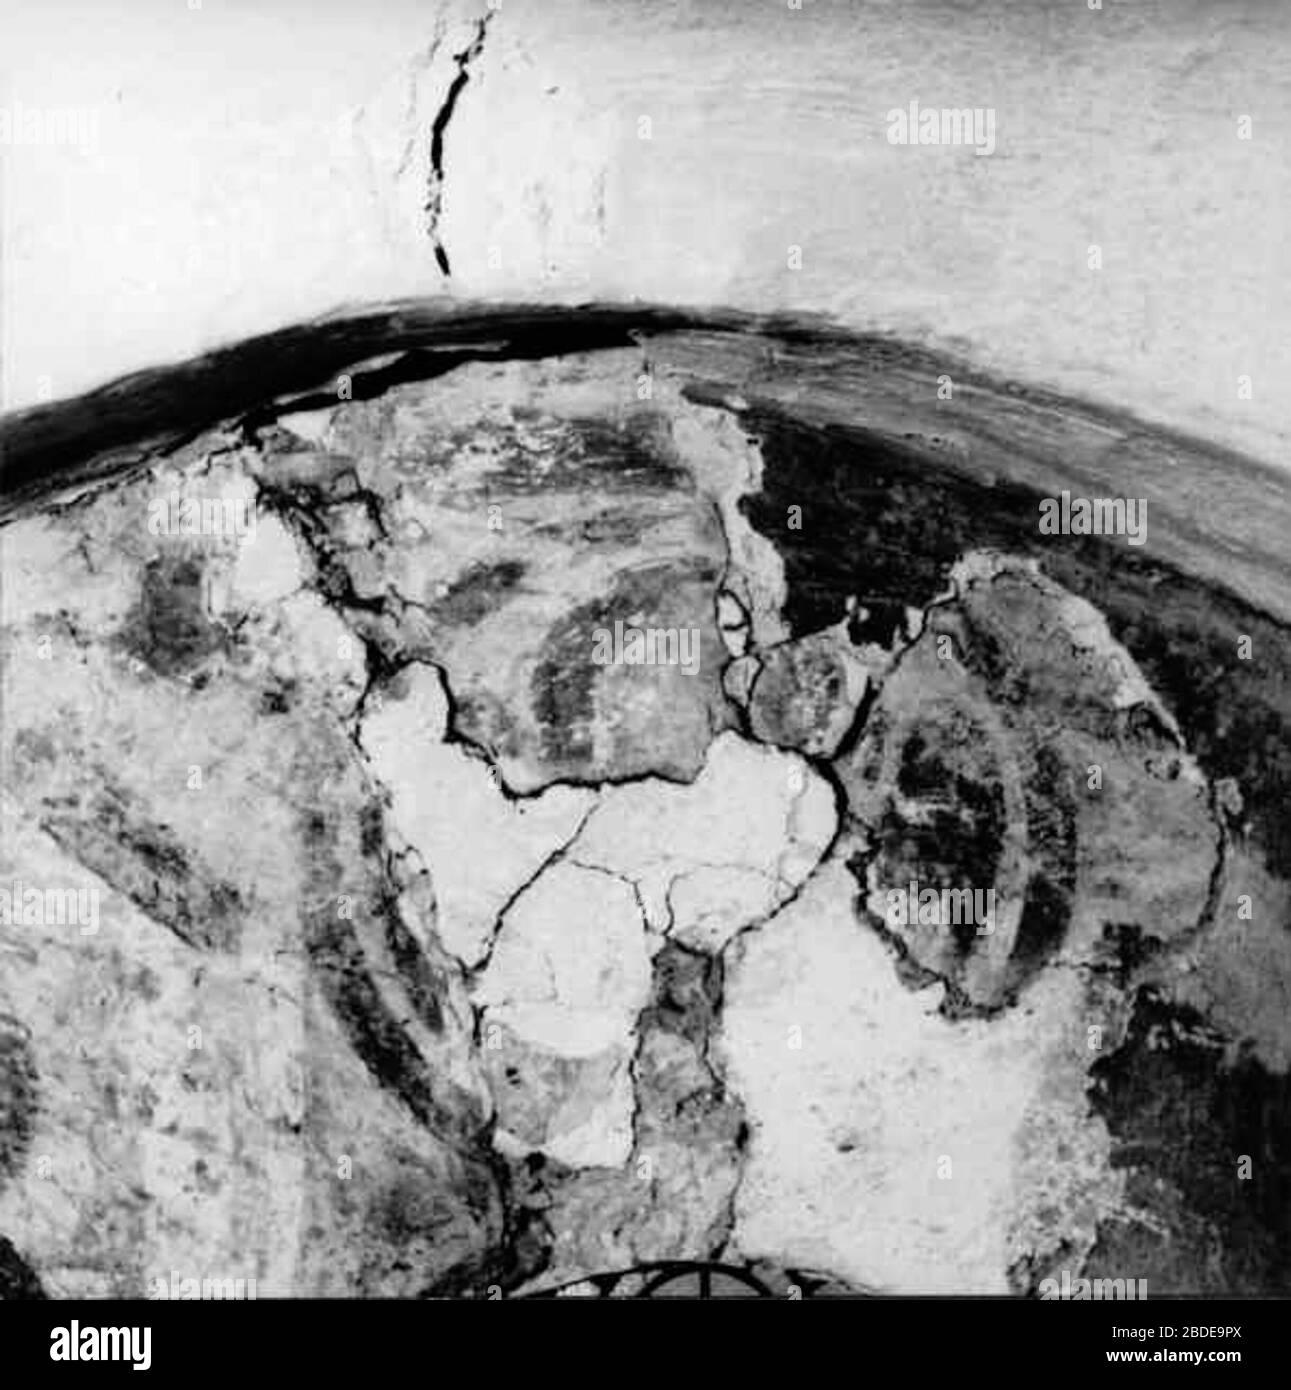 Arkeologisk frunderskning 2015. Hofterup 30:1, RA 38:1